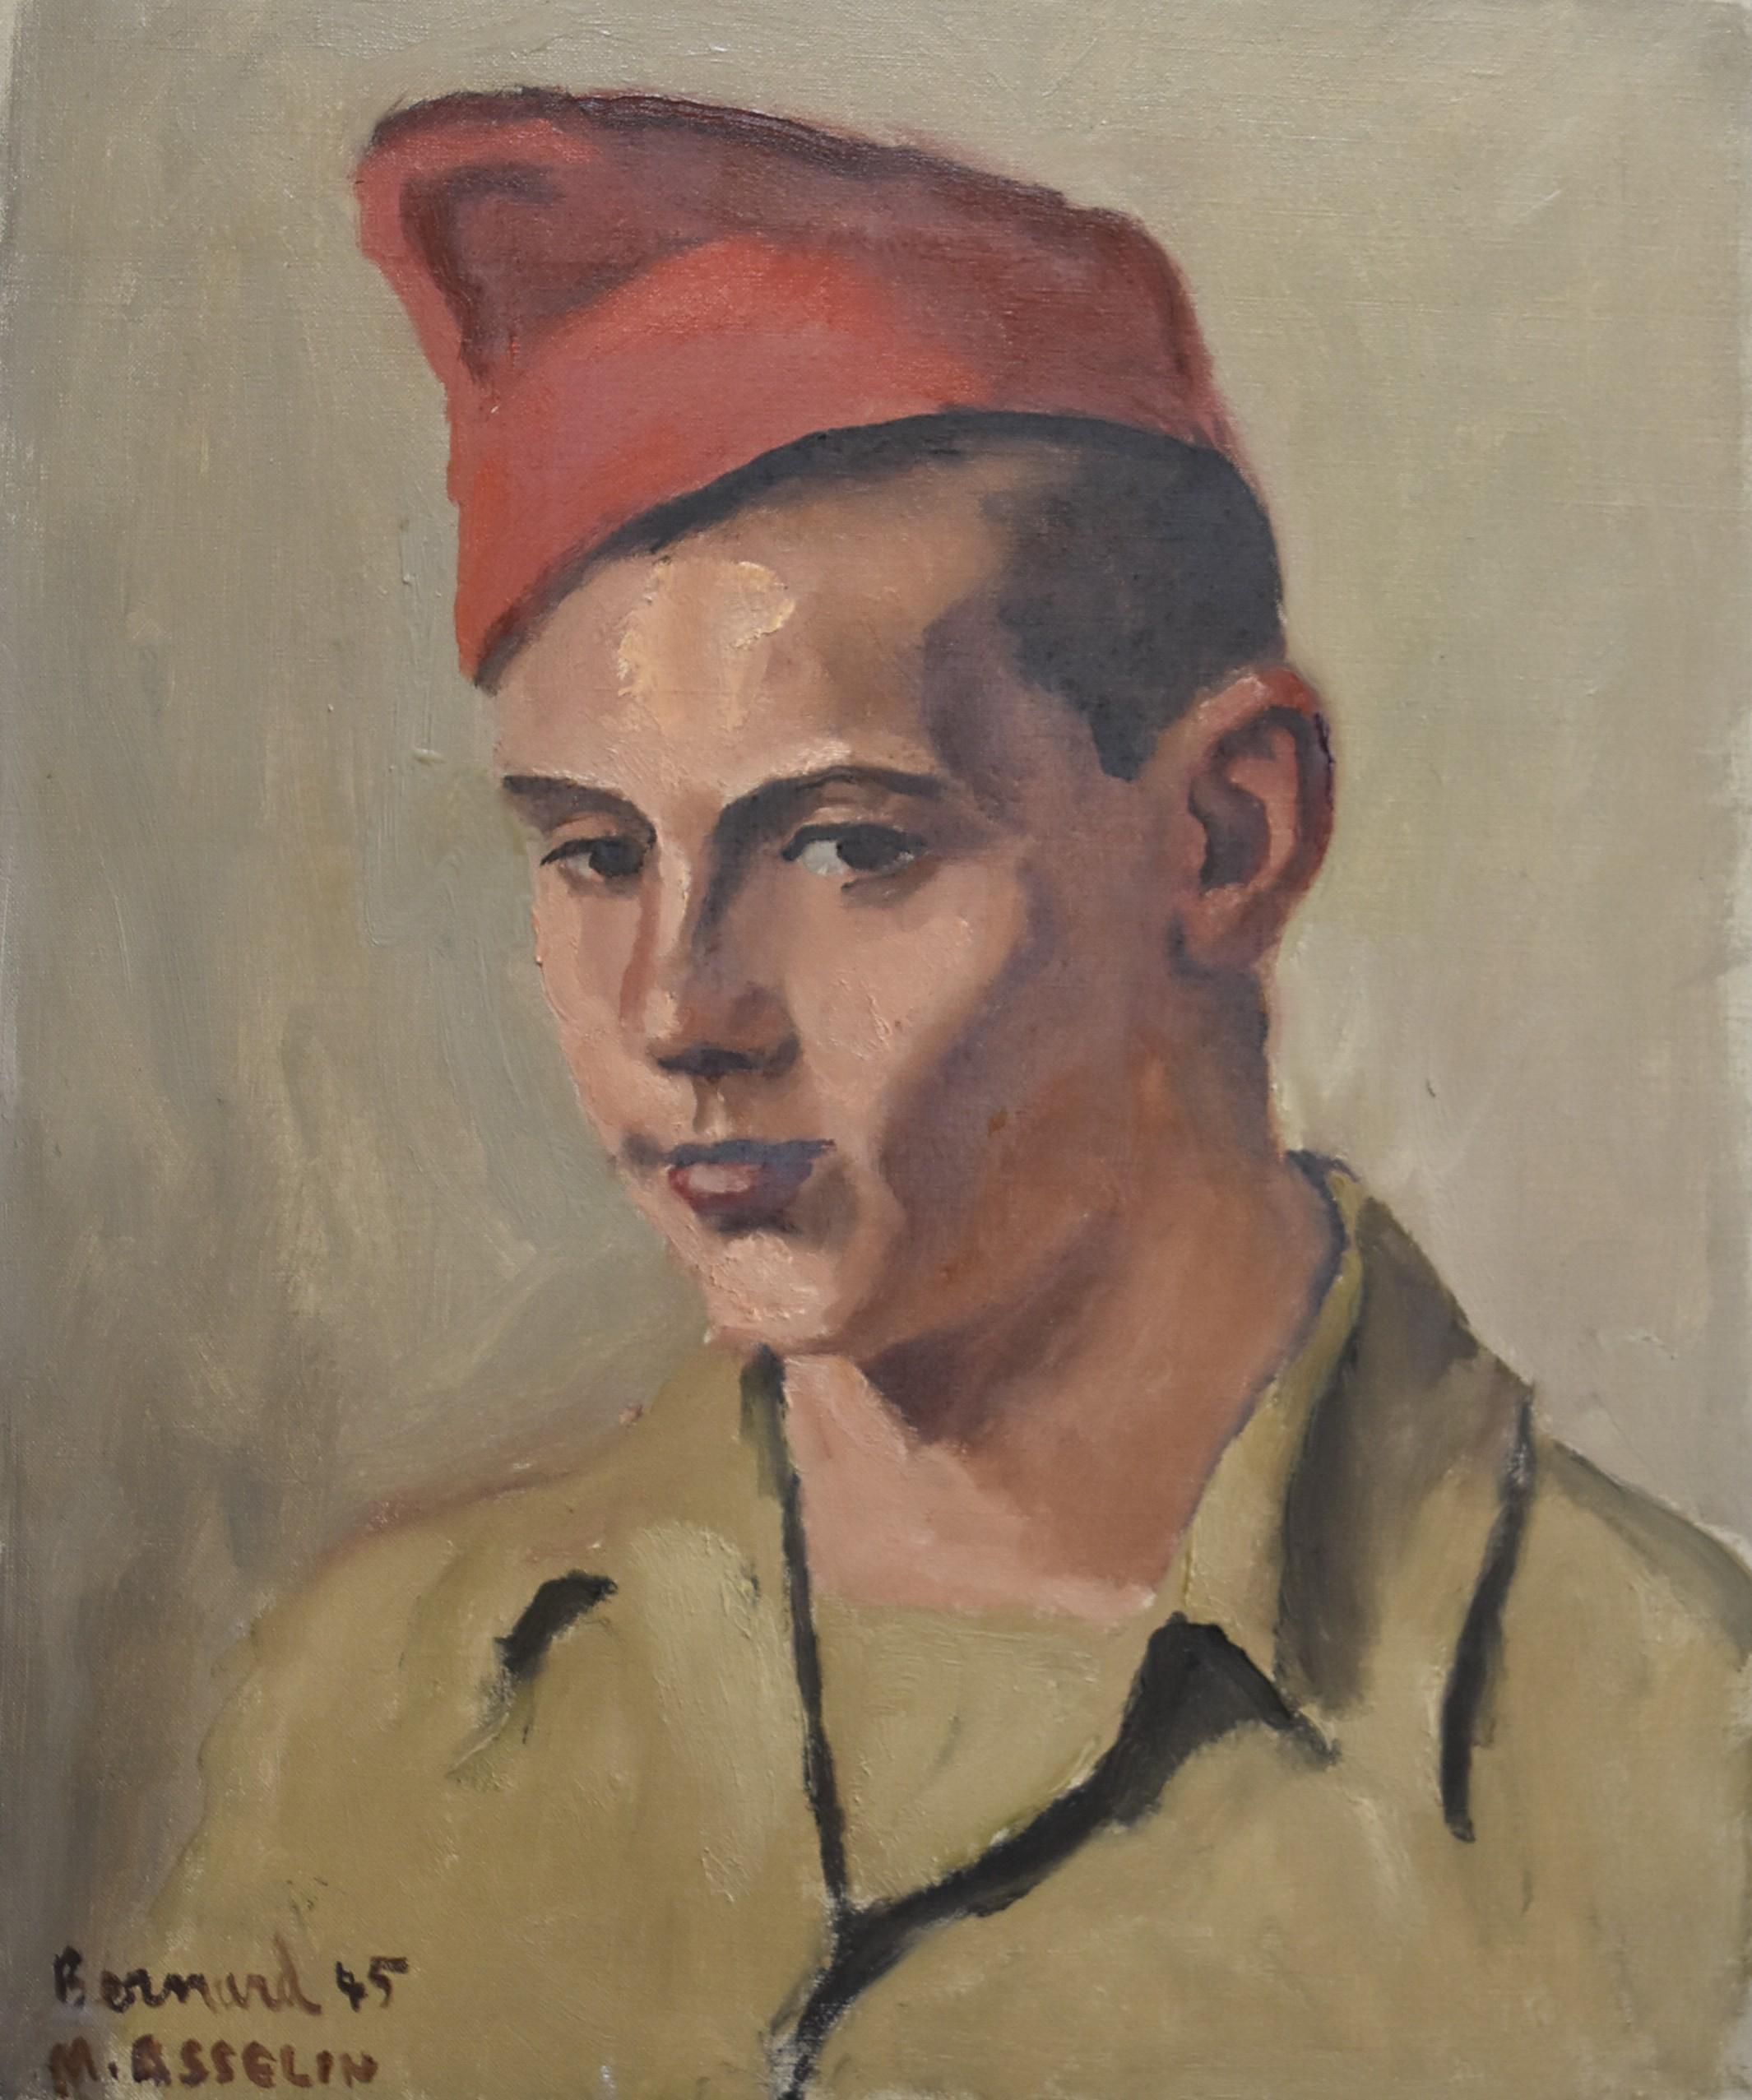 Maurice Asselin (1882-1947) Portrait of Bernard in uniform, 1945, oil on canvas